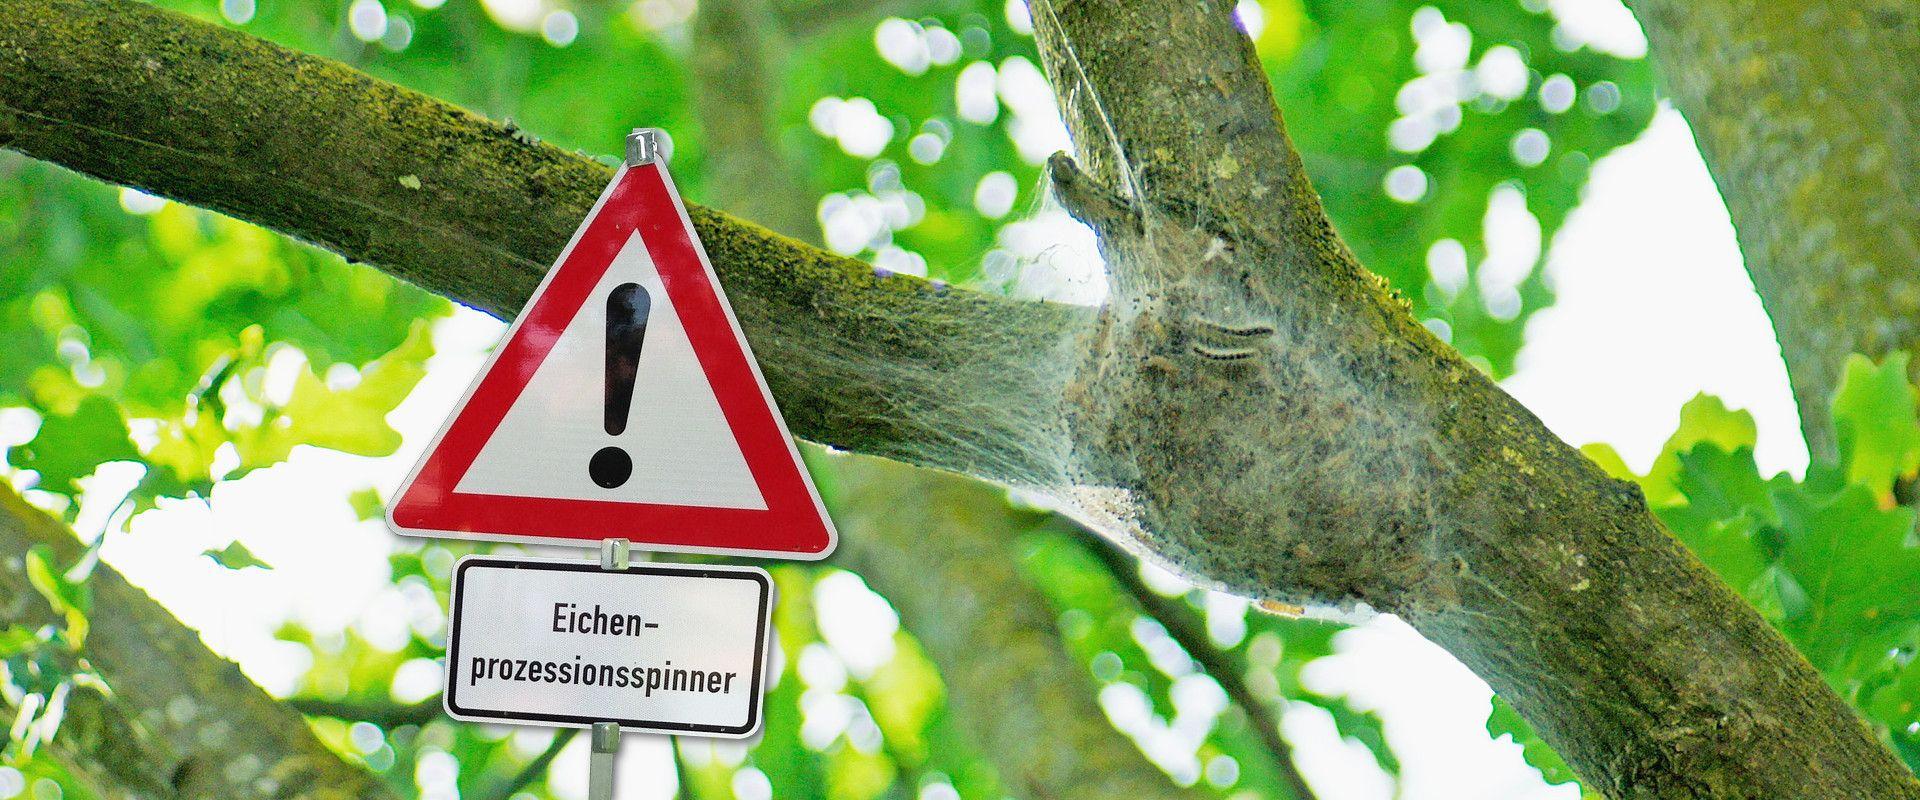 Permalink zu:Welche Schutzausrüstung um den Eichenprozessionsspinner zu beseitigen?